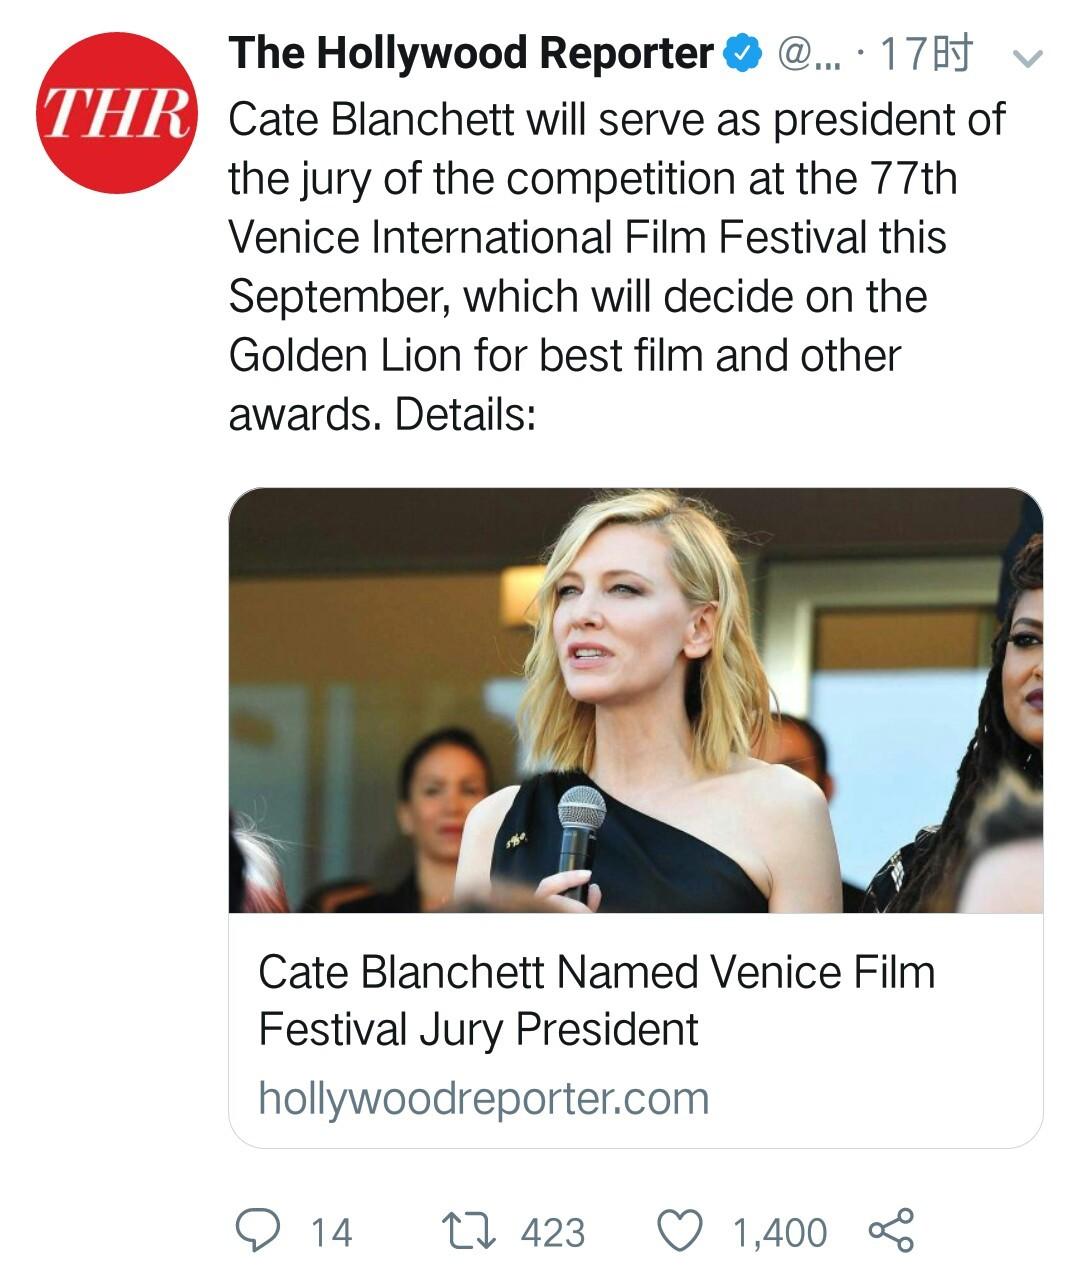 大魔王凯特·布兰切特将担任今年第77届威尼斯国际电影节主竞赛单元的